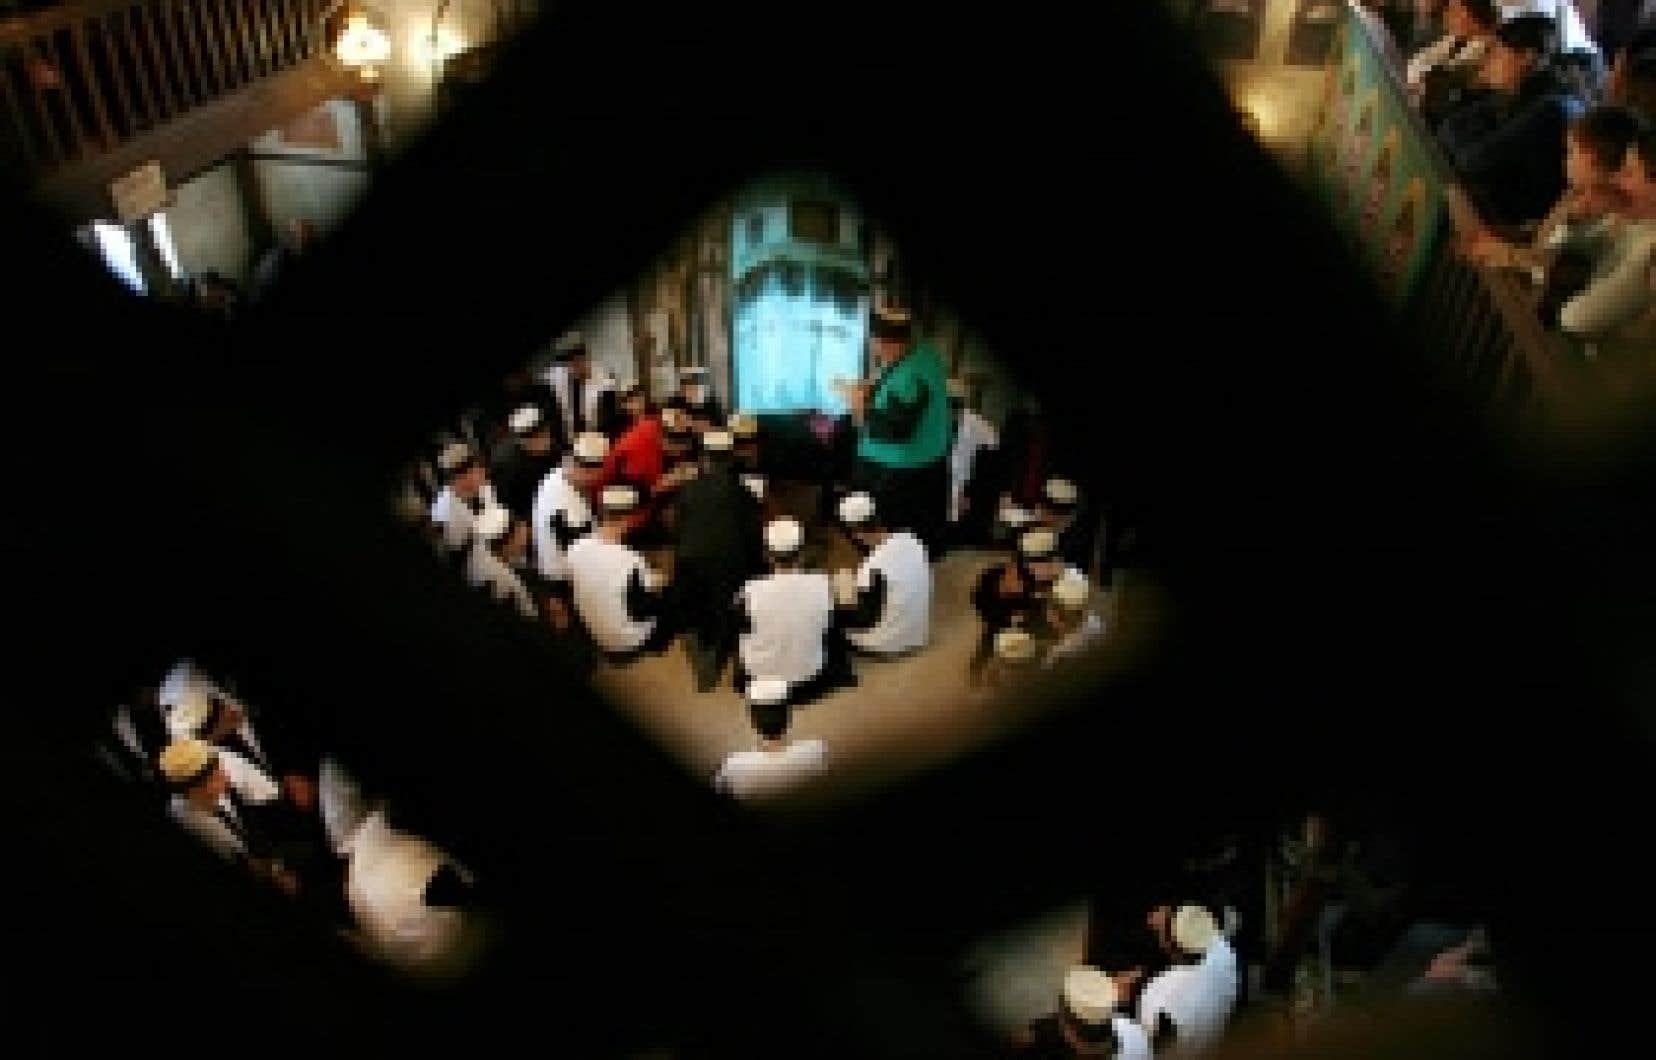 Le soufisme, qui trouve des adeptes autant chez les sunnites que chez les chiites, c'est l'islam de la profondeur spirituelle, de l'ouverture du coeur et de la réconciliation avec le sacré.